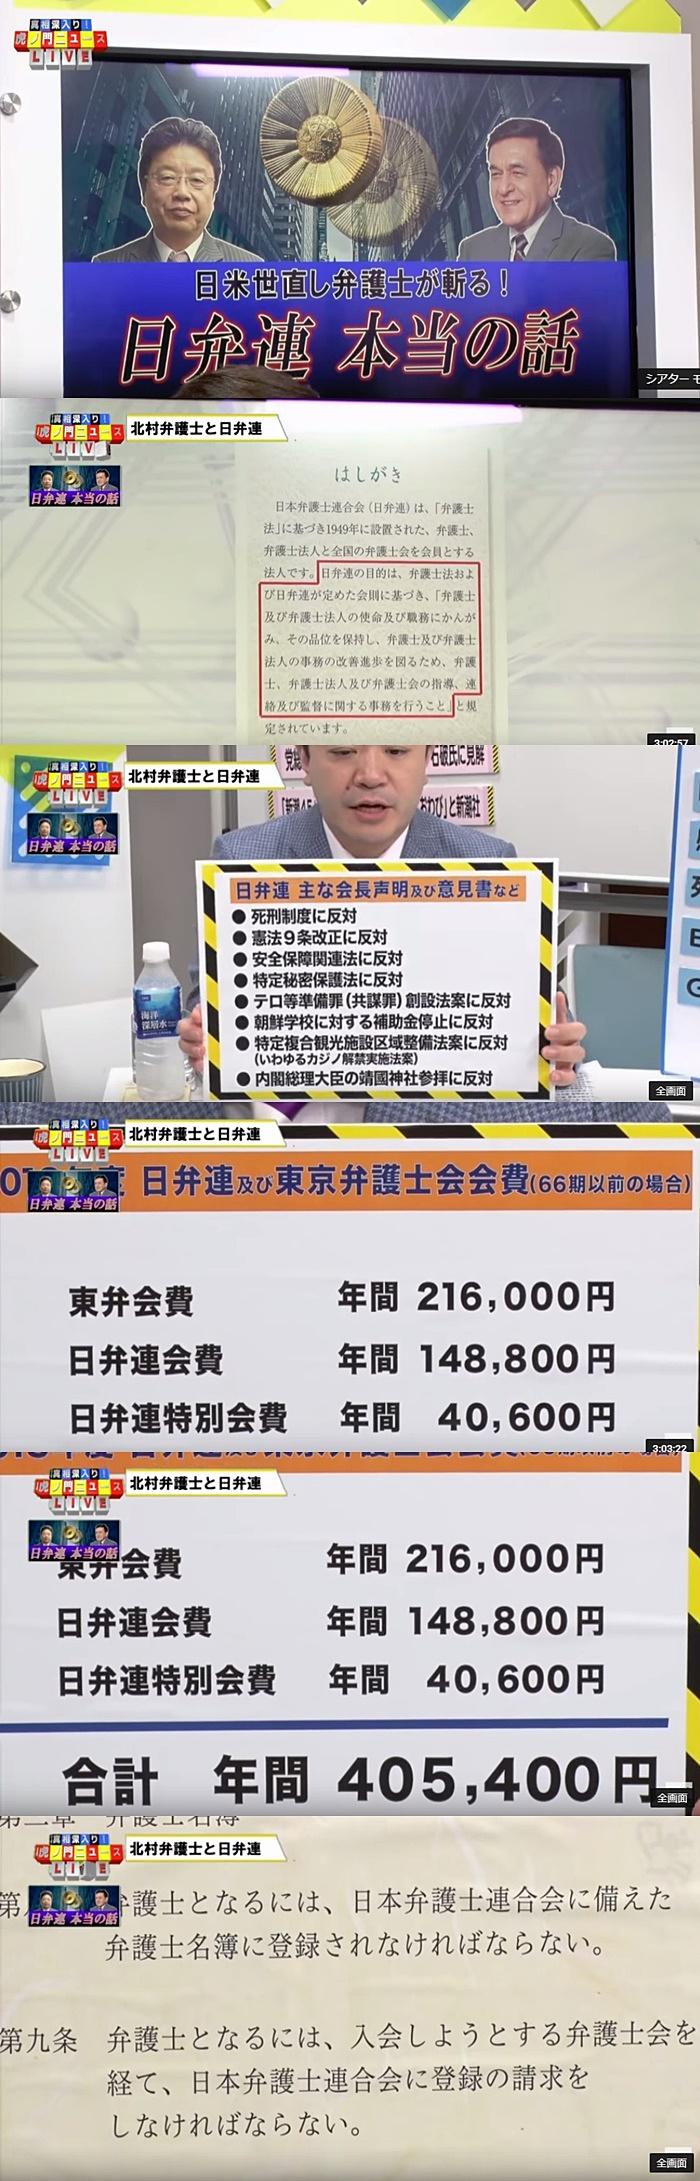 日弁連 DHC] 北村弁護士